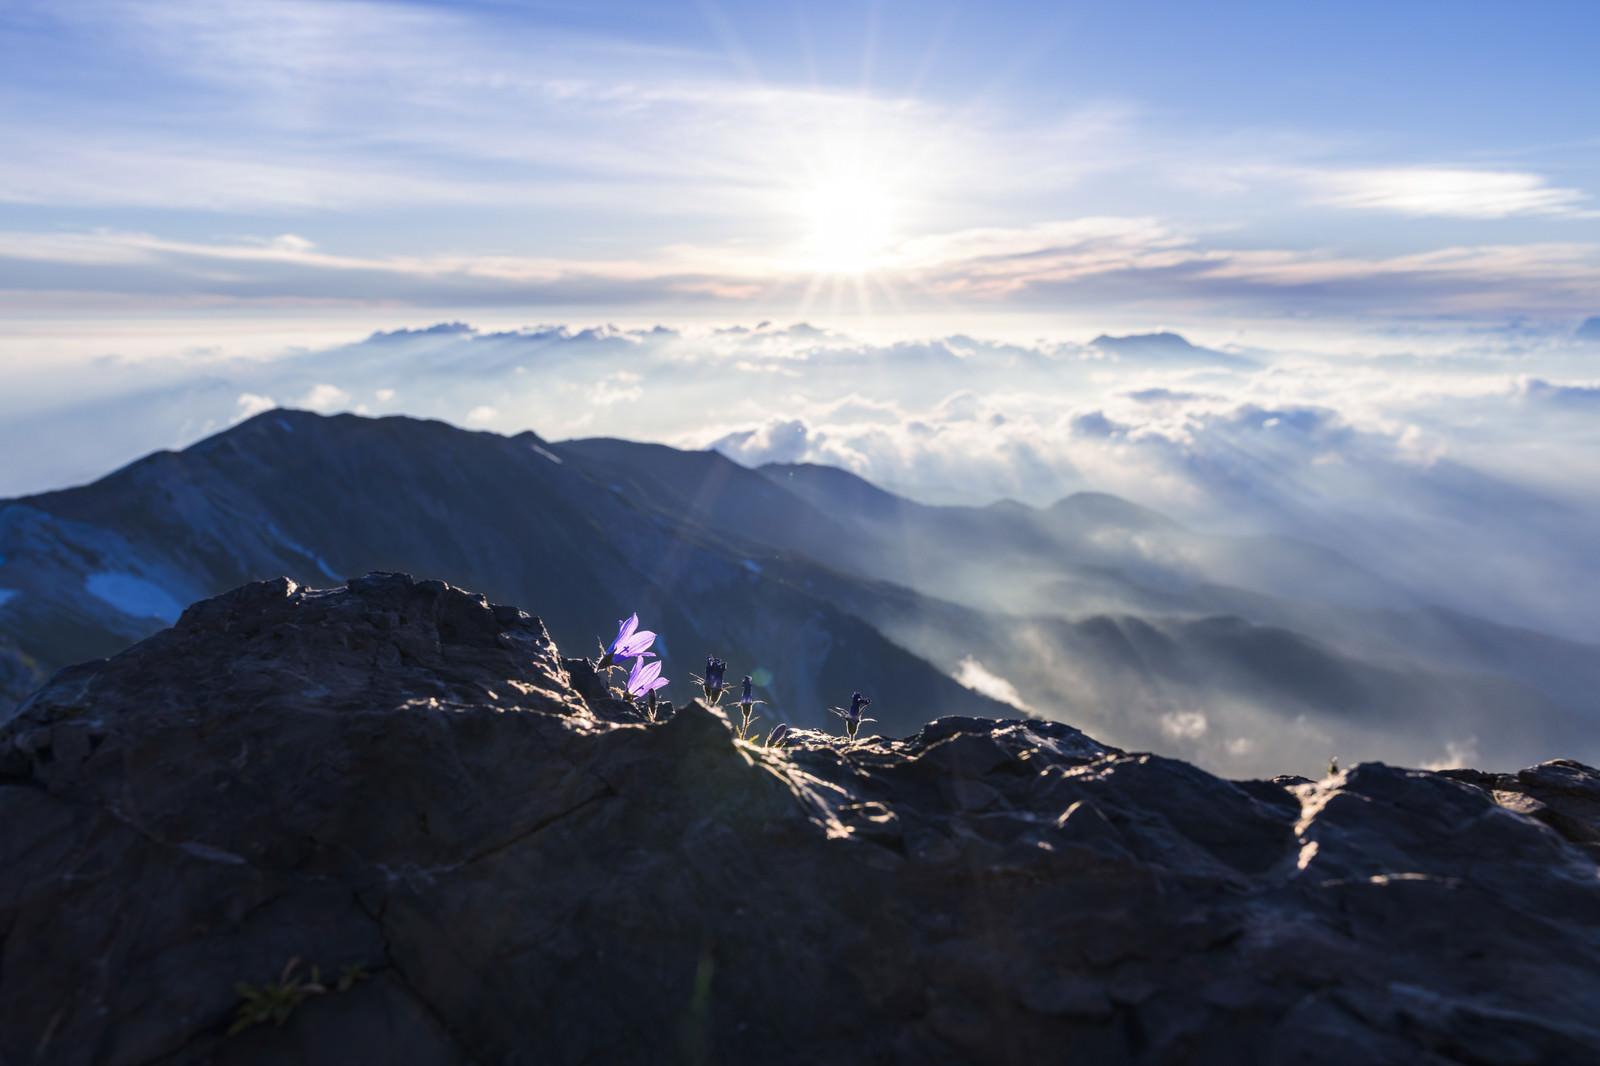 「朝日に輝く空とチシマギキョウ(白馬岳)」の写真